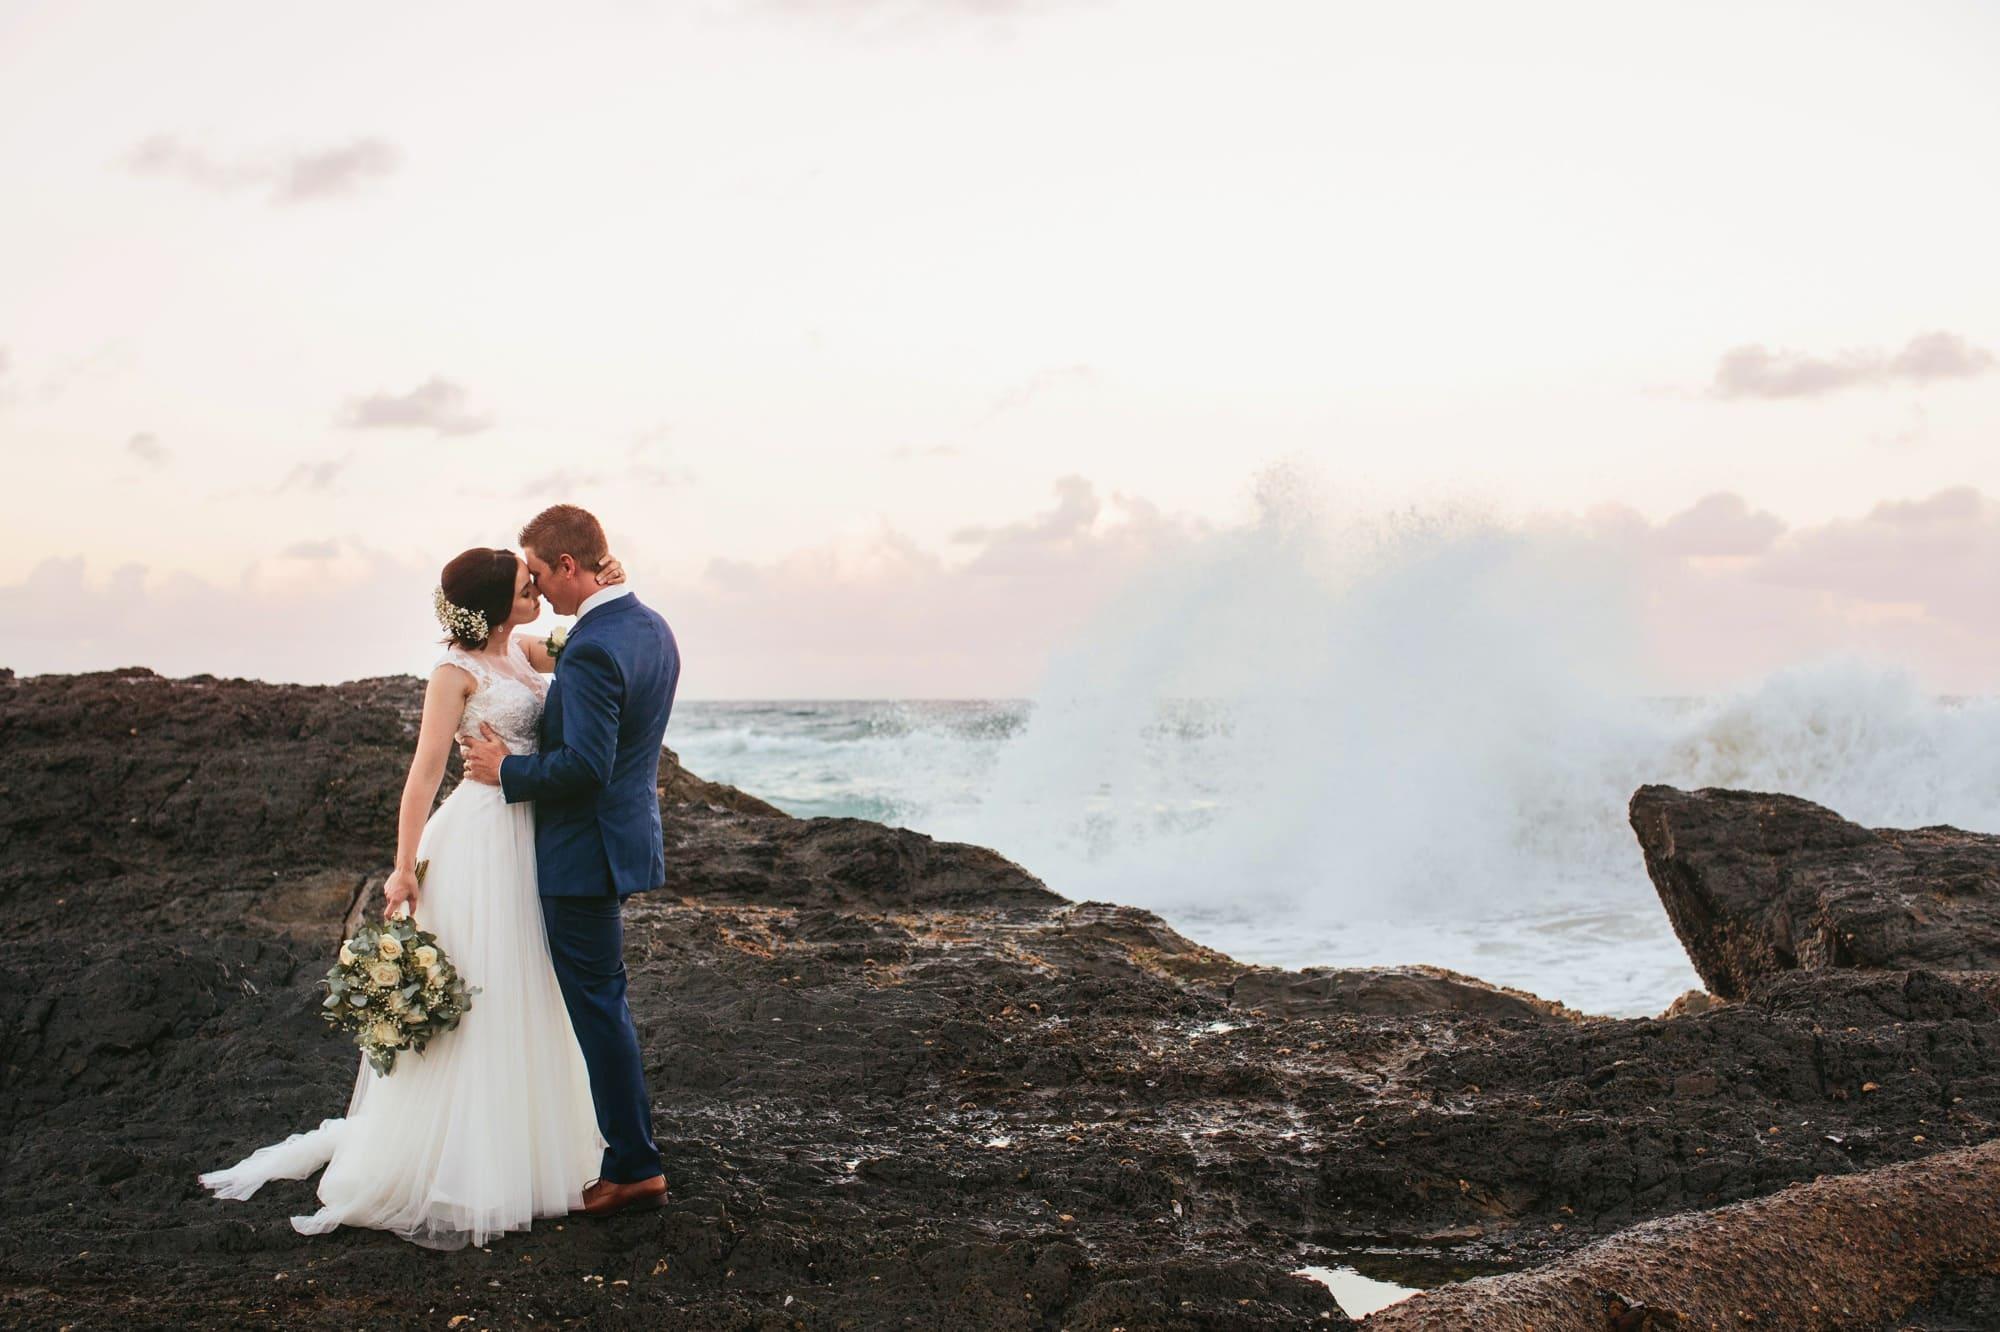 Currumbin Beach wedding www.fieldandforest.com.au